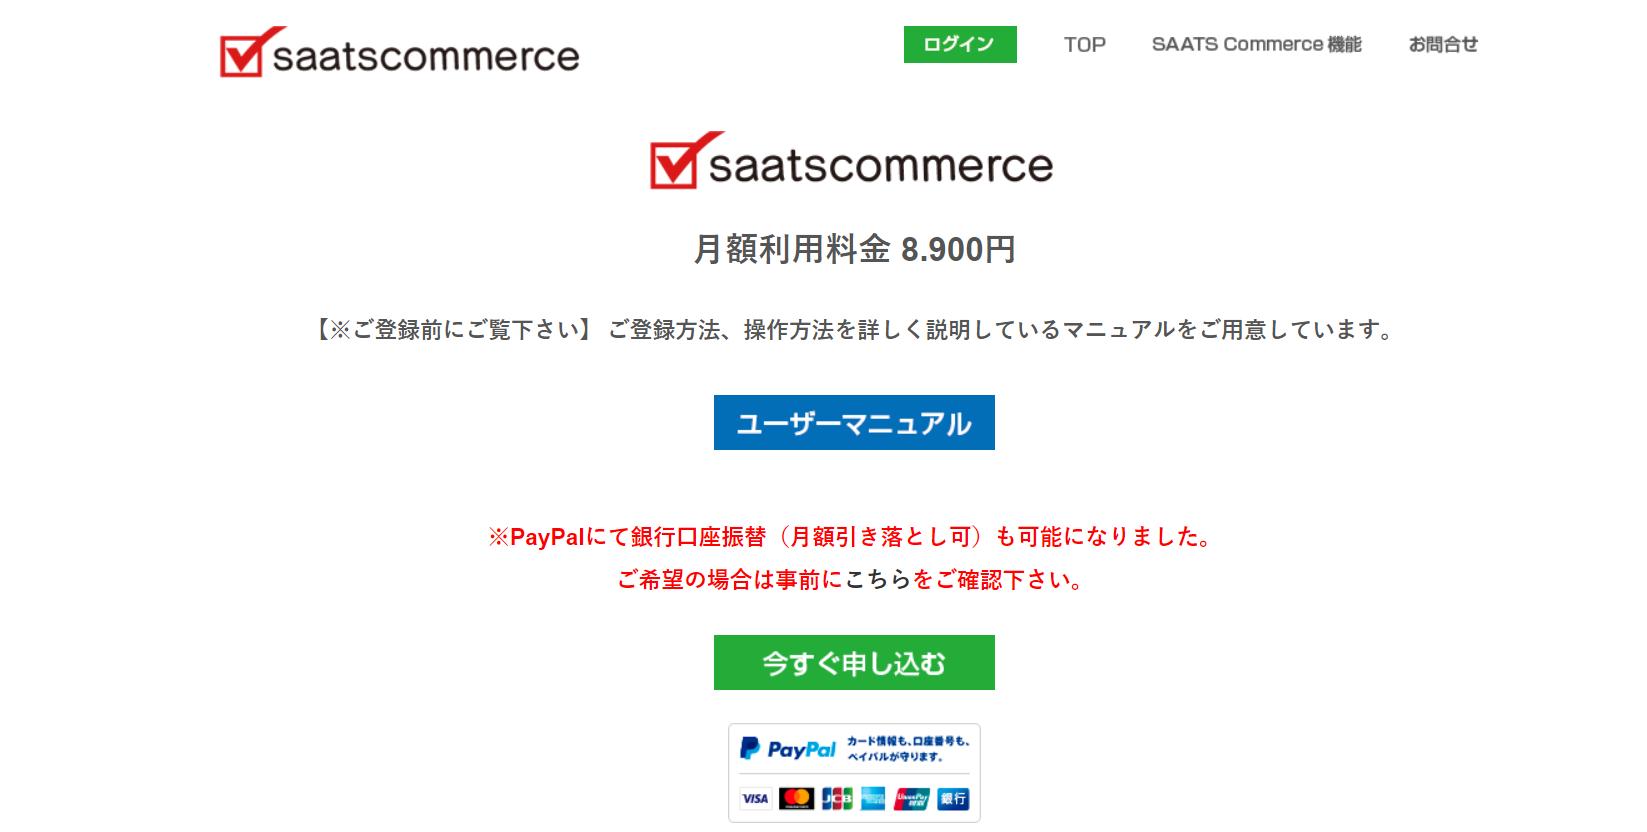 saatcommerce料金と支払方法